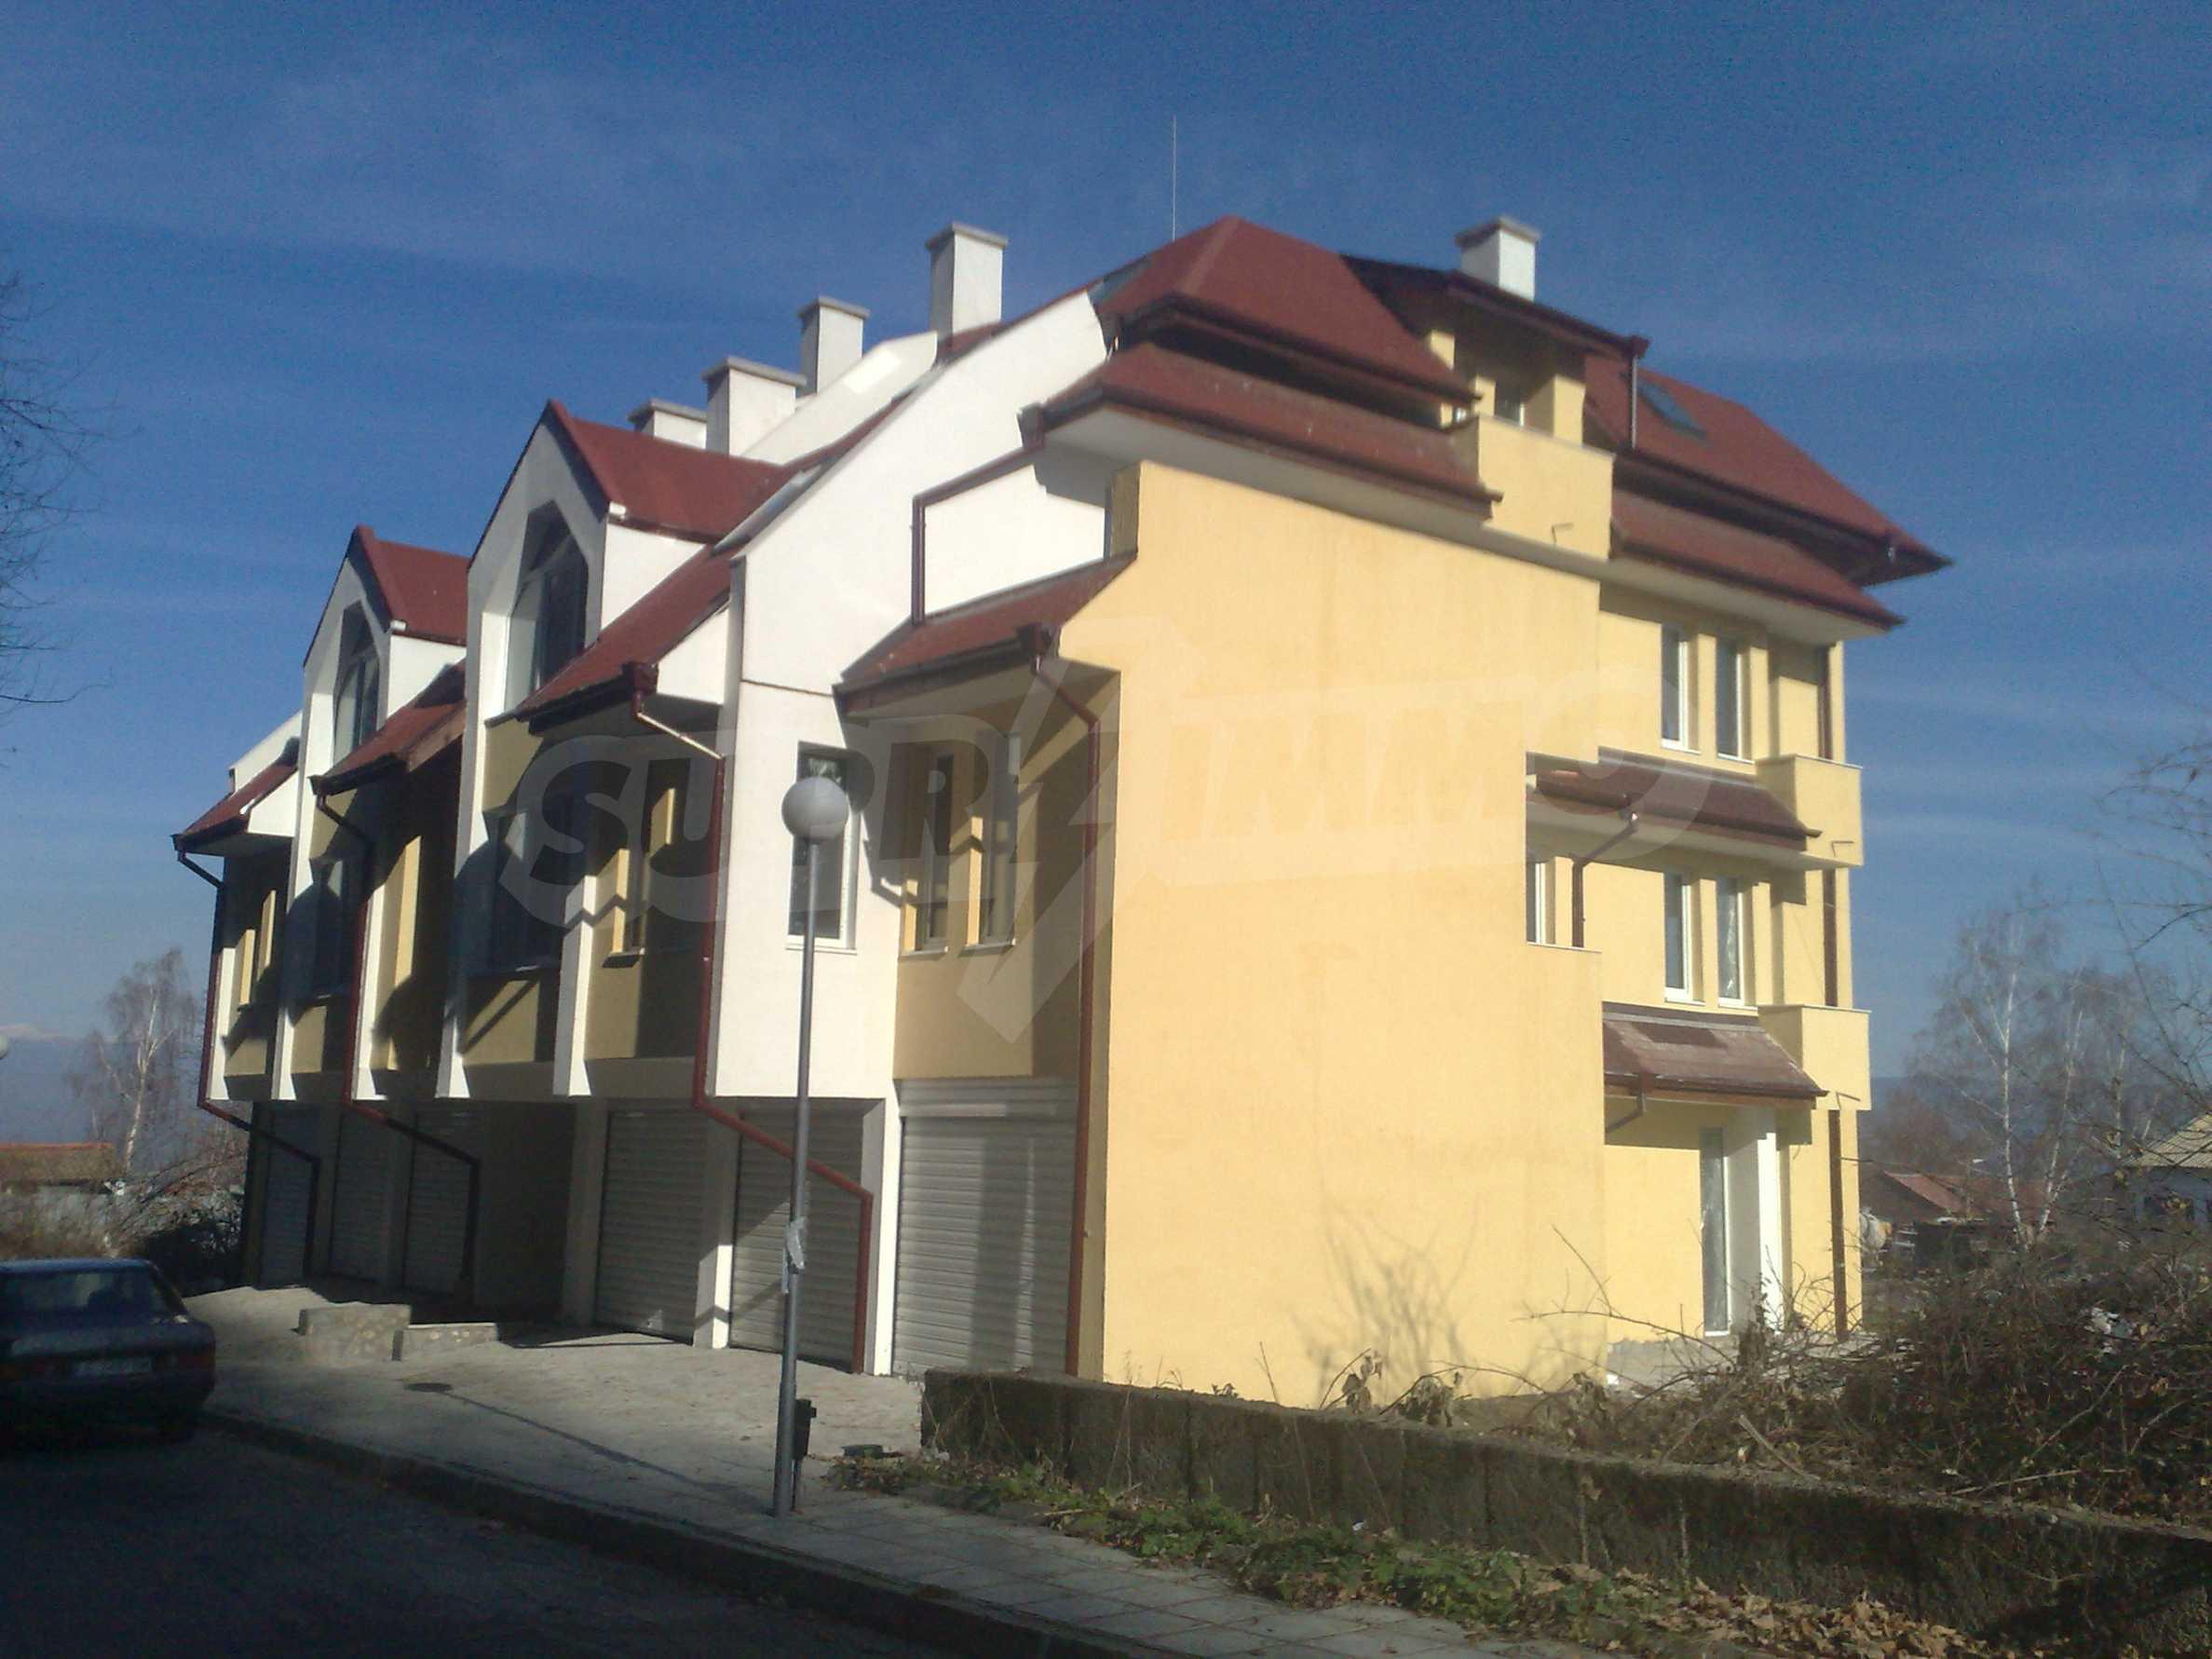 Двустаен апартамент с тераси в нова сграда до парка в центъра на Банско 3